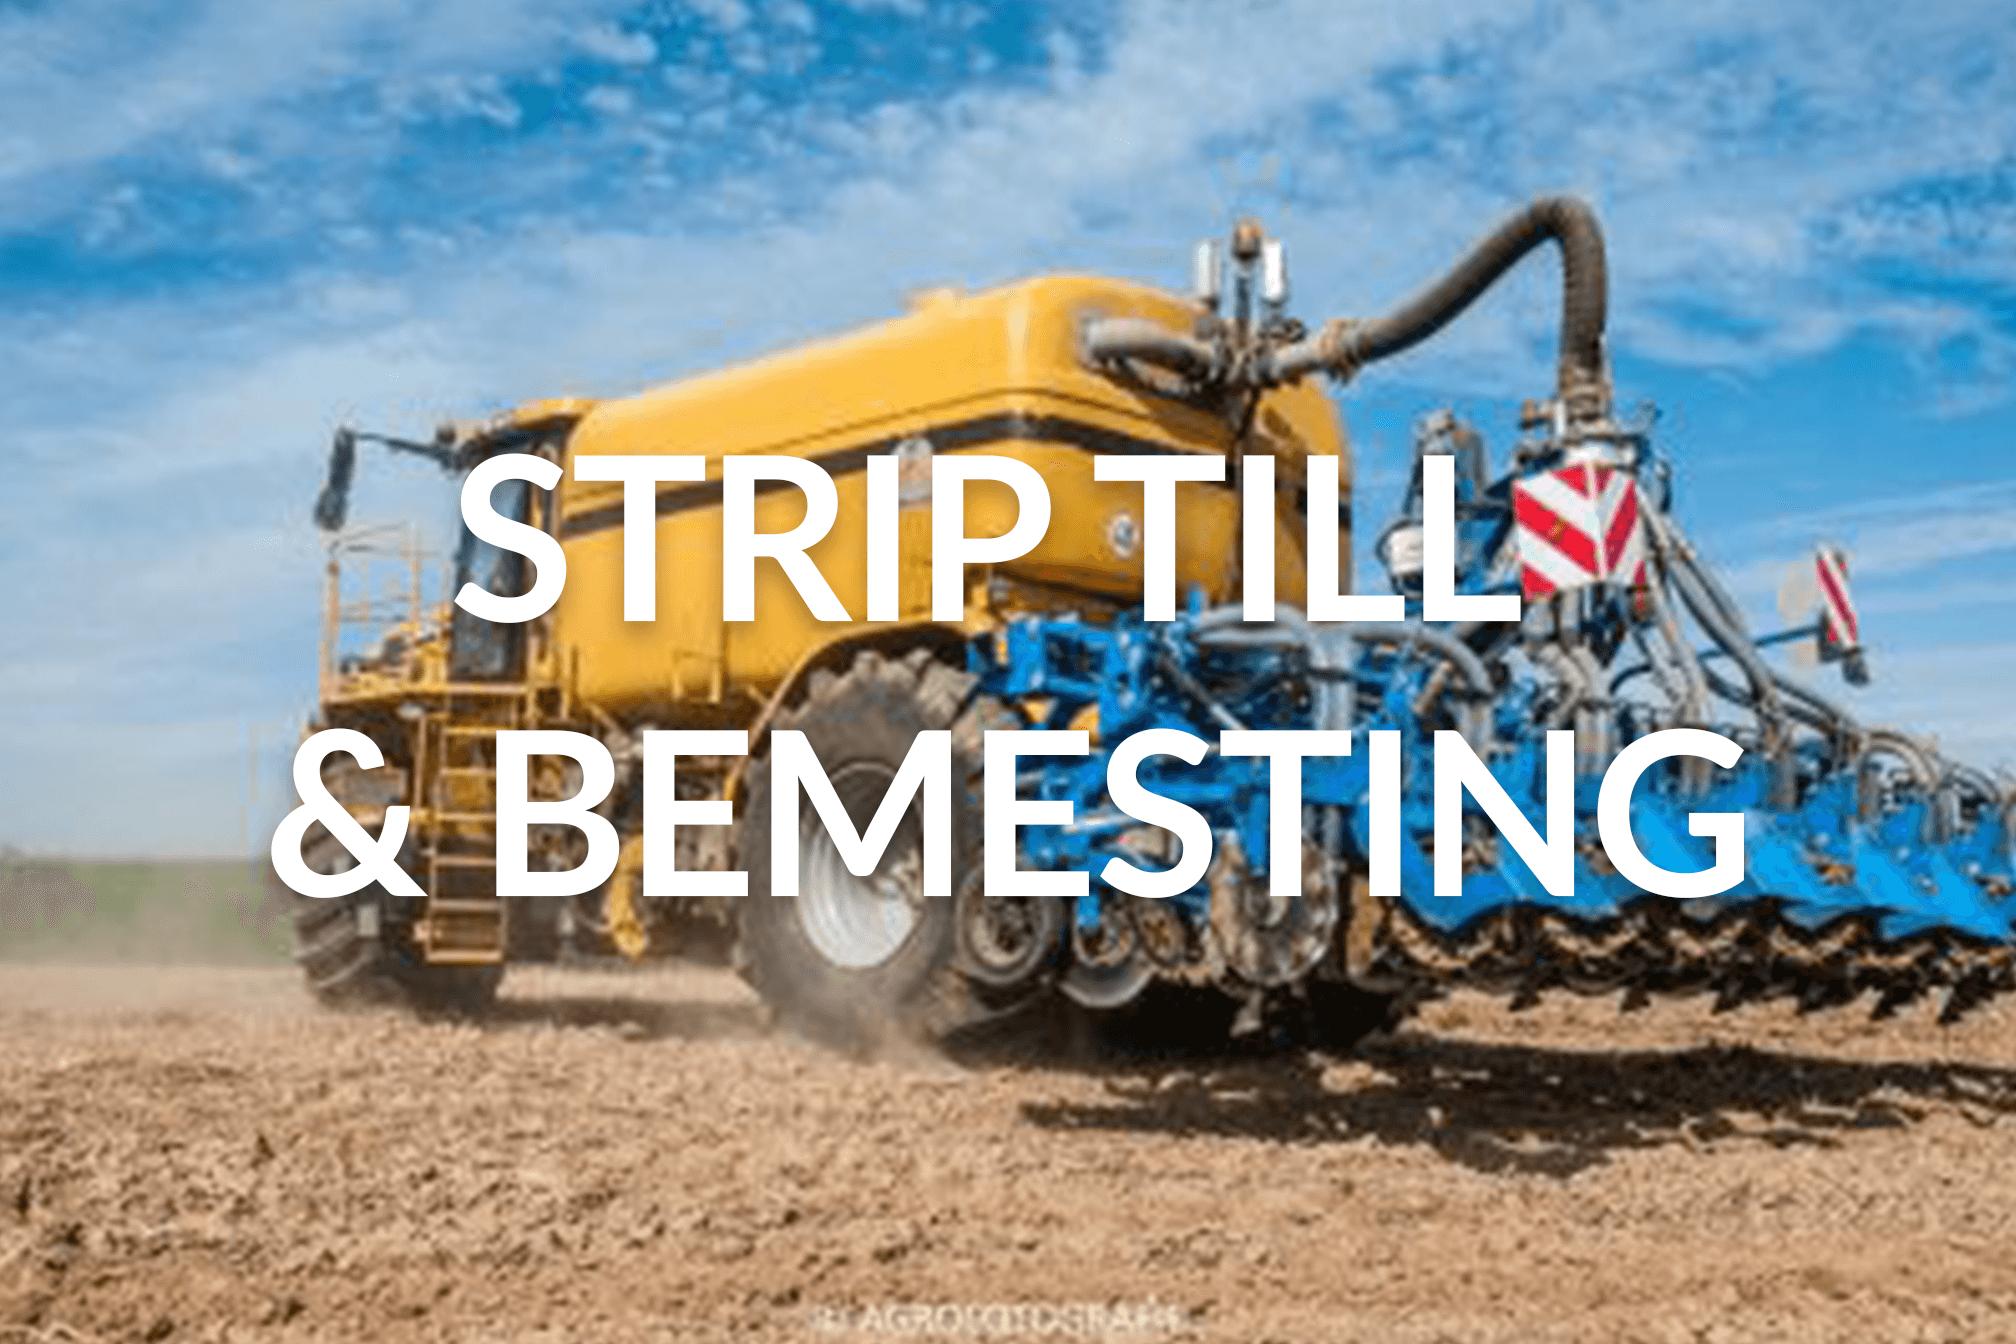 Carré_ Strip Till & Bemesting_GROOT